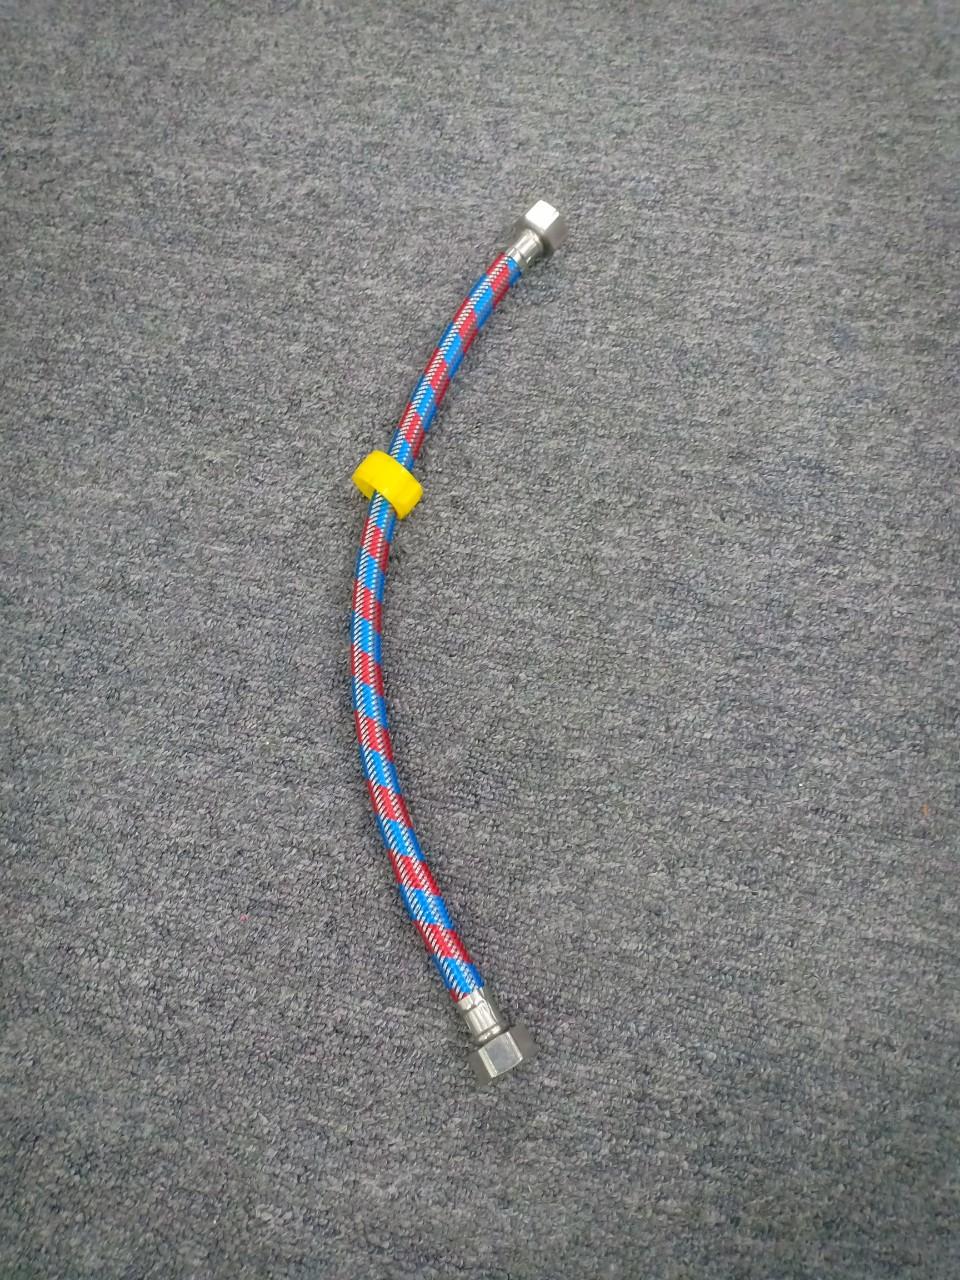 Combo 2 Dây cấp nước thép không gỉ 304 màu xanh, đỏ dành cho bồn cầu, máy nước nóng